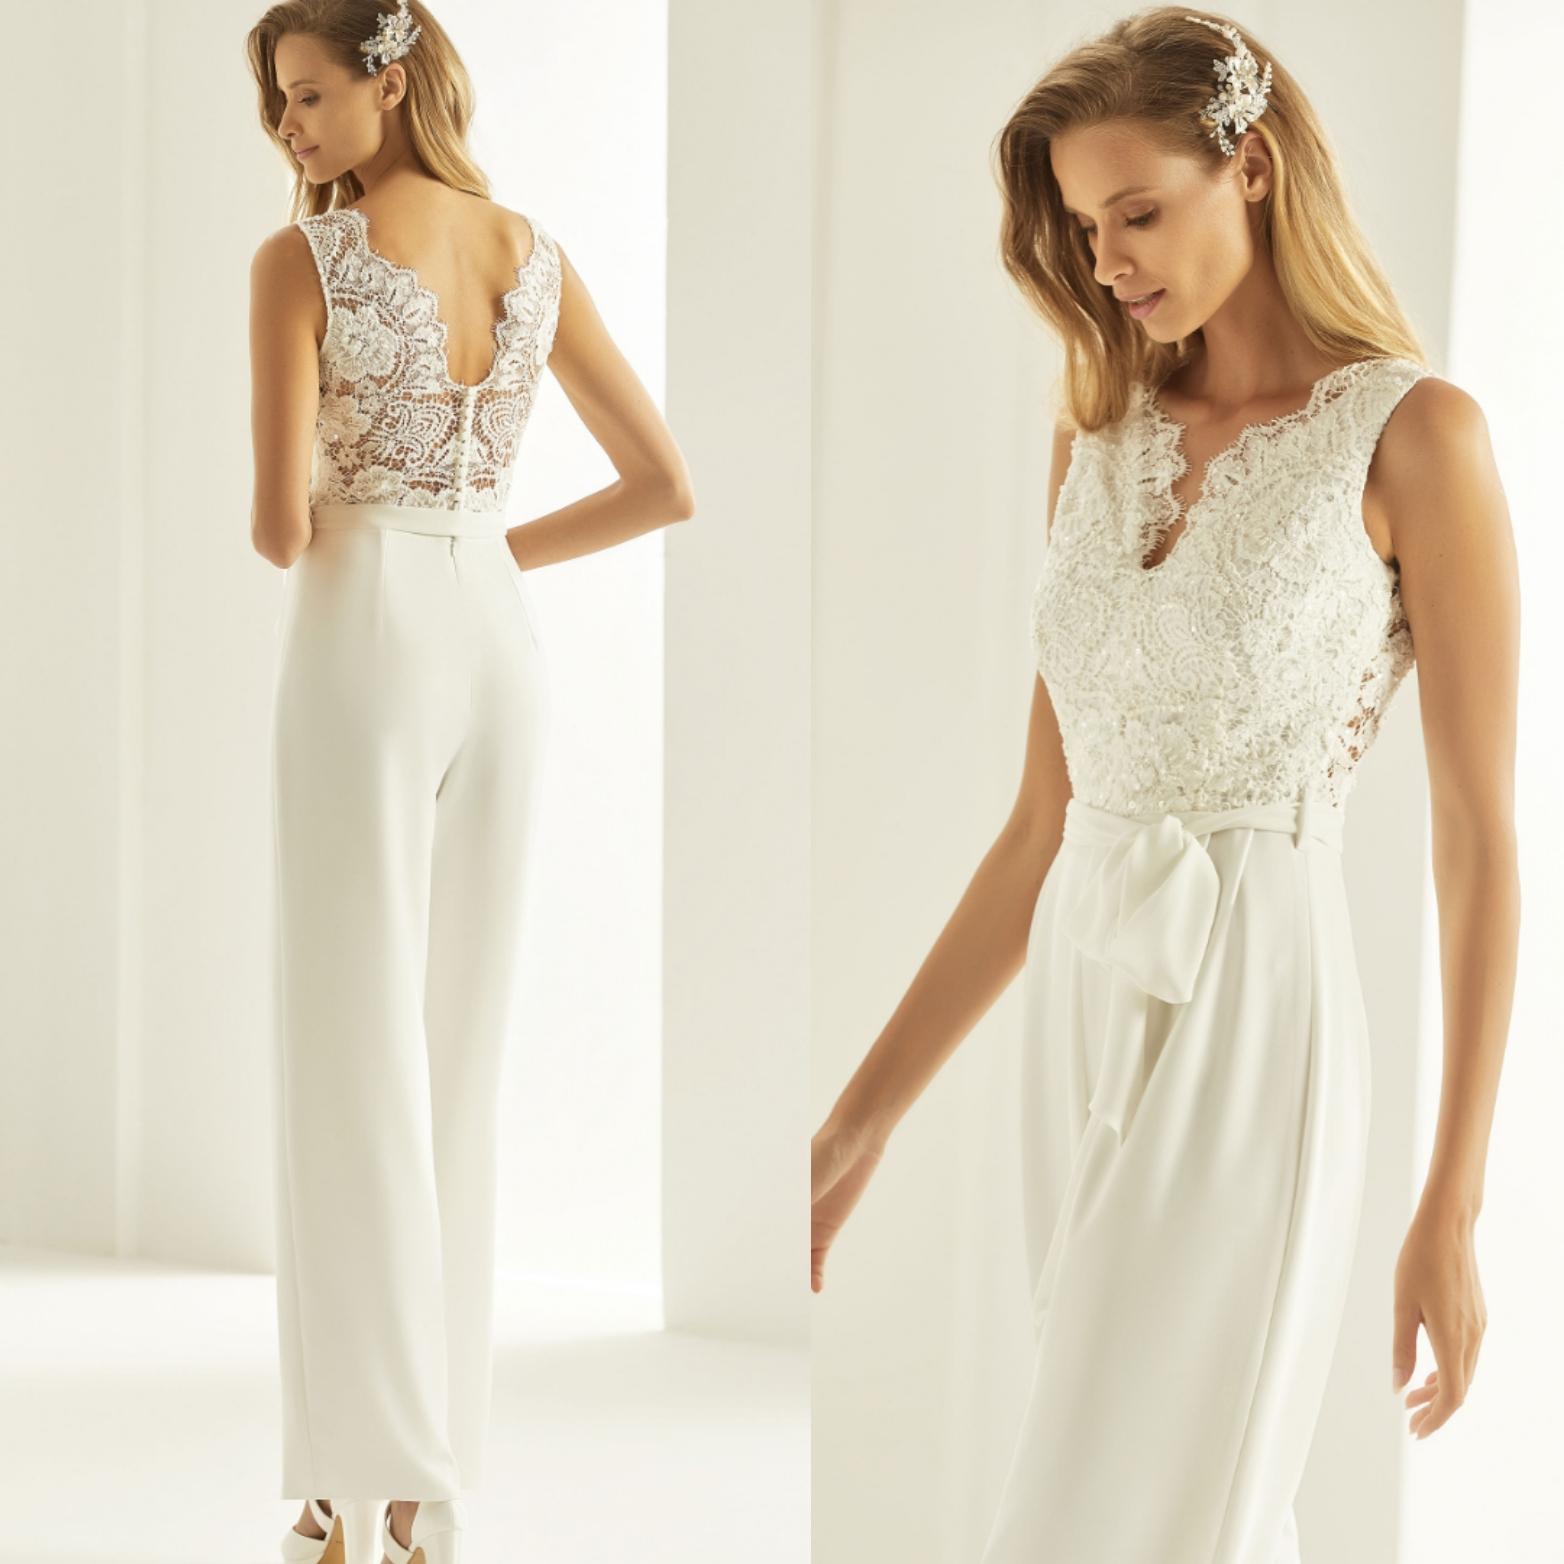 Heiraten Im Jumpsuit Festliche Overalls Fur Braute In 2020 Braut Kleider Hochzeit Festliche Kleider Hochzeit